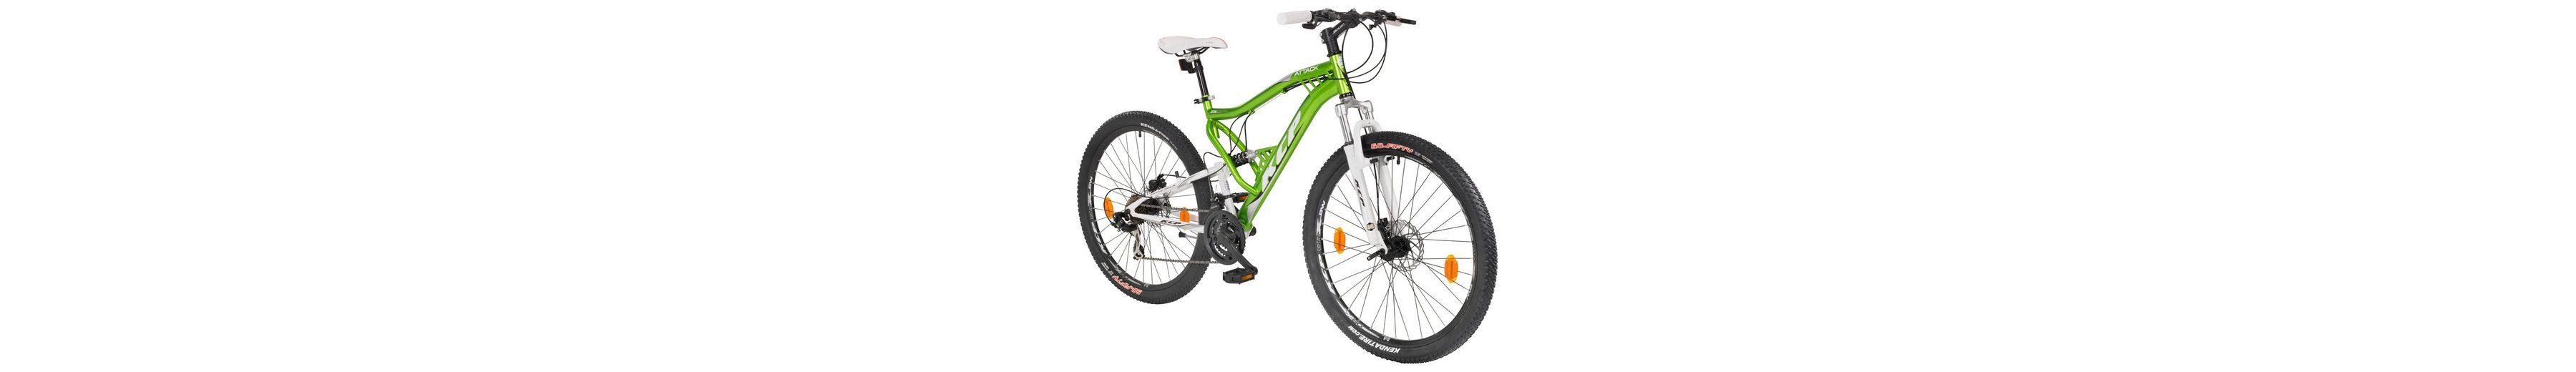 Mountainbike »ATTACK grün«, 27,5 Zoll, 21 Gang, Scheibenbremsen